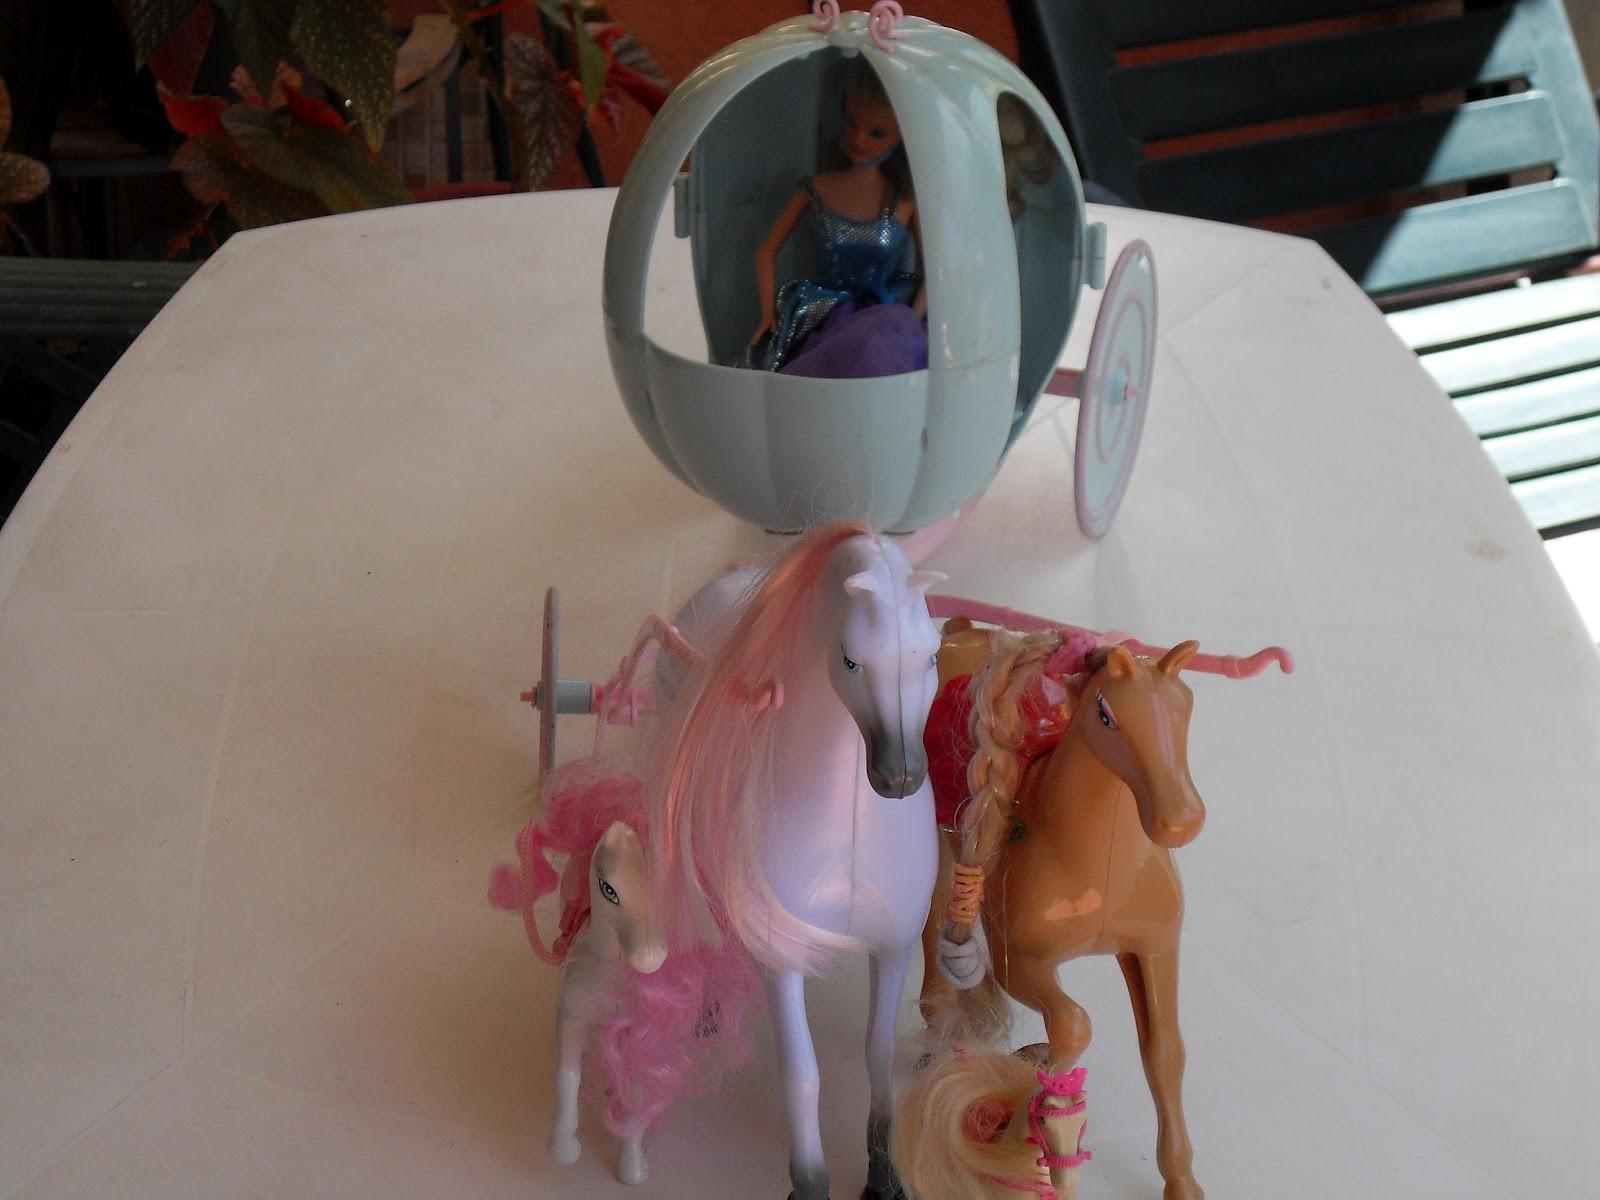 Pupaprinzessin cenicienta la carroza y los caballos - Carroza cenicienta juguete ...